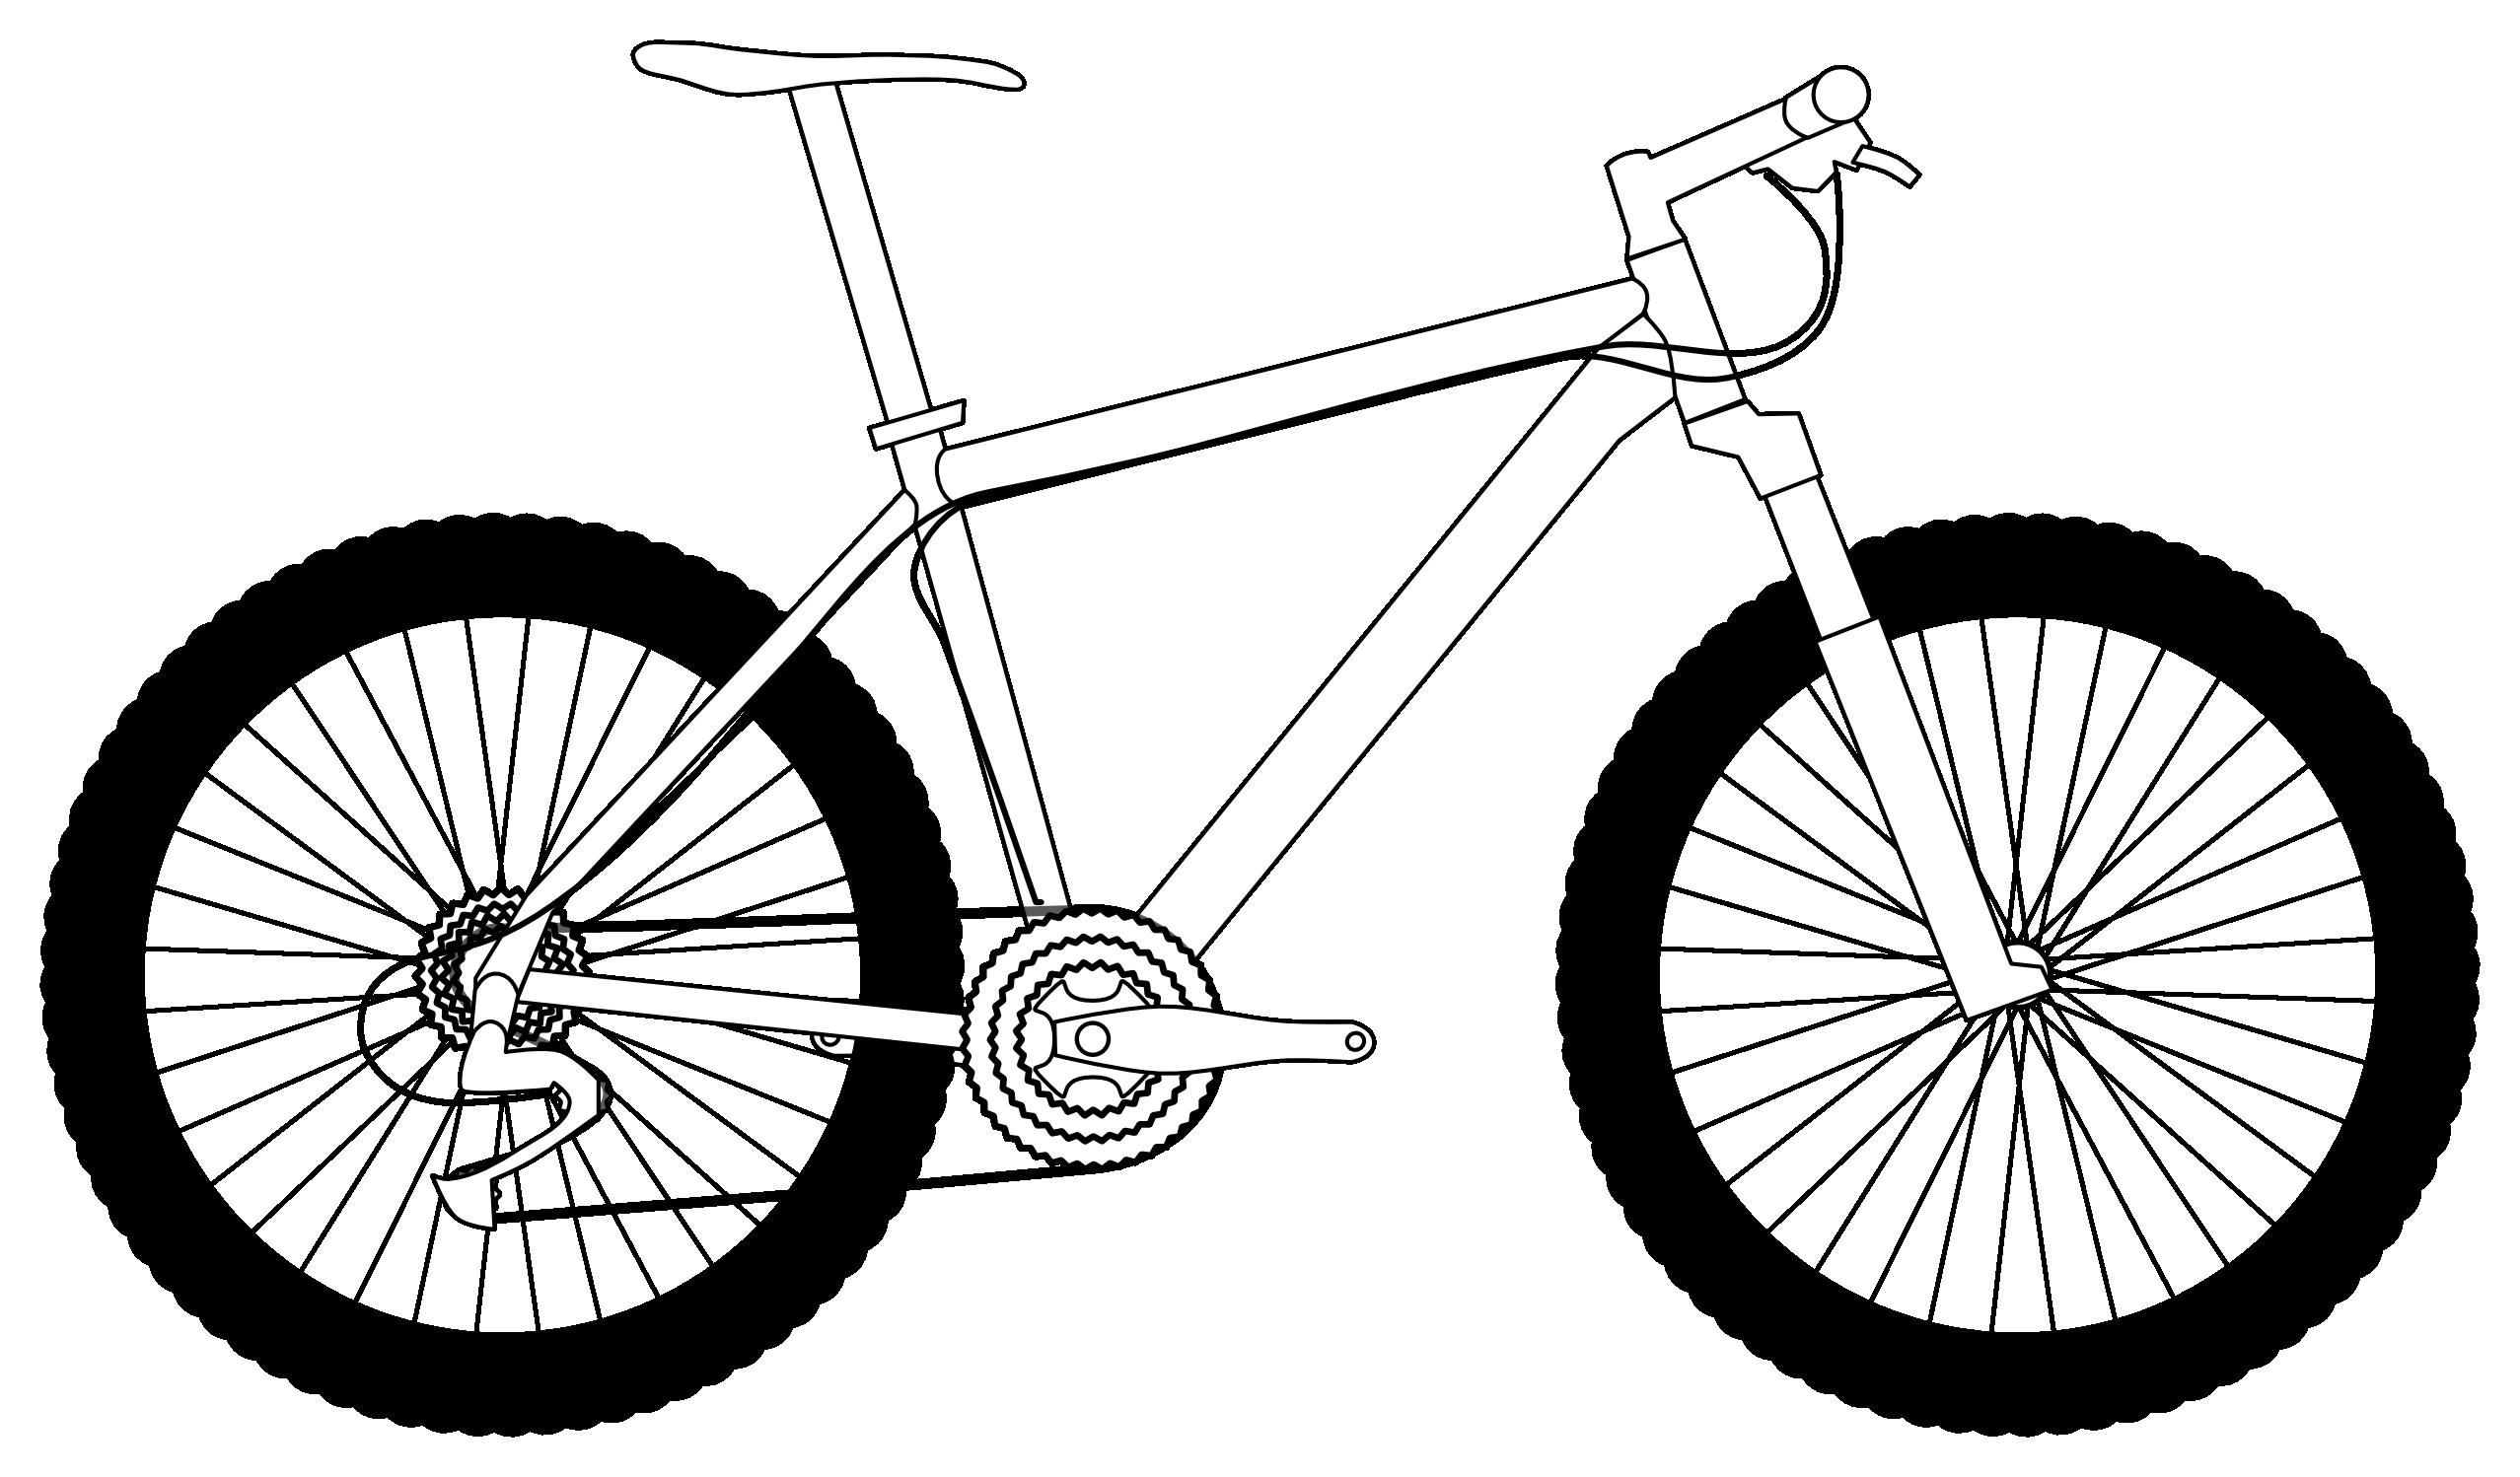 Line Drawing Bike : Bike clipart black and white panda free